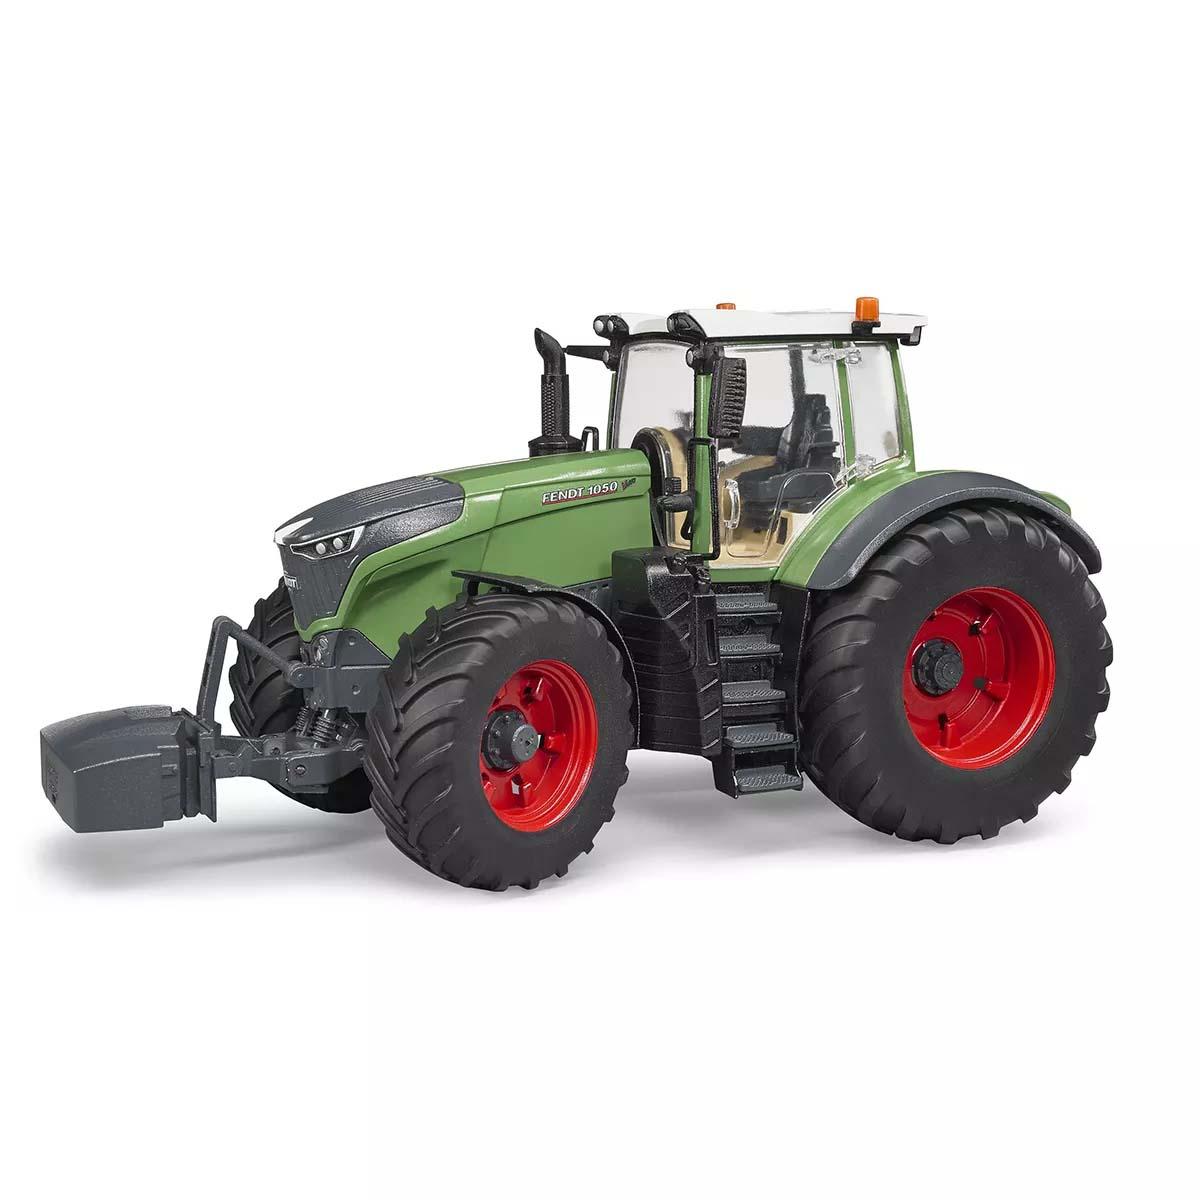 Купить Трактор Fendt 1050, Bruder